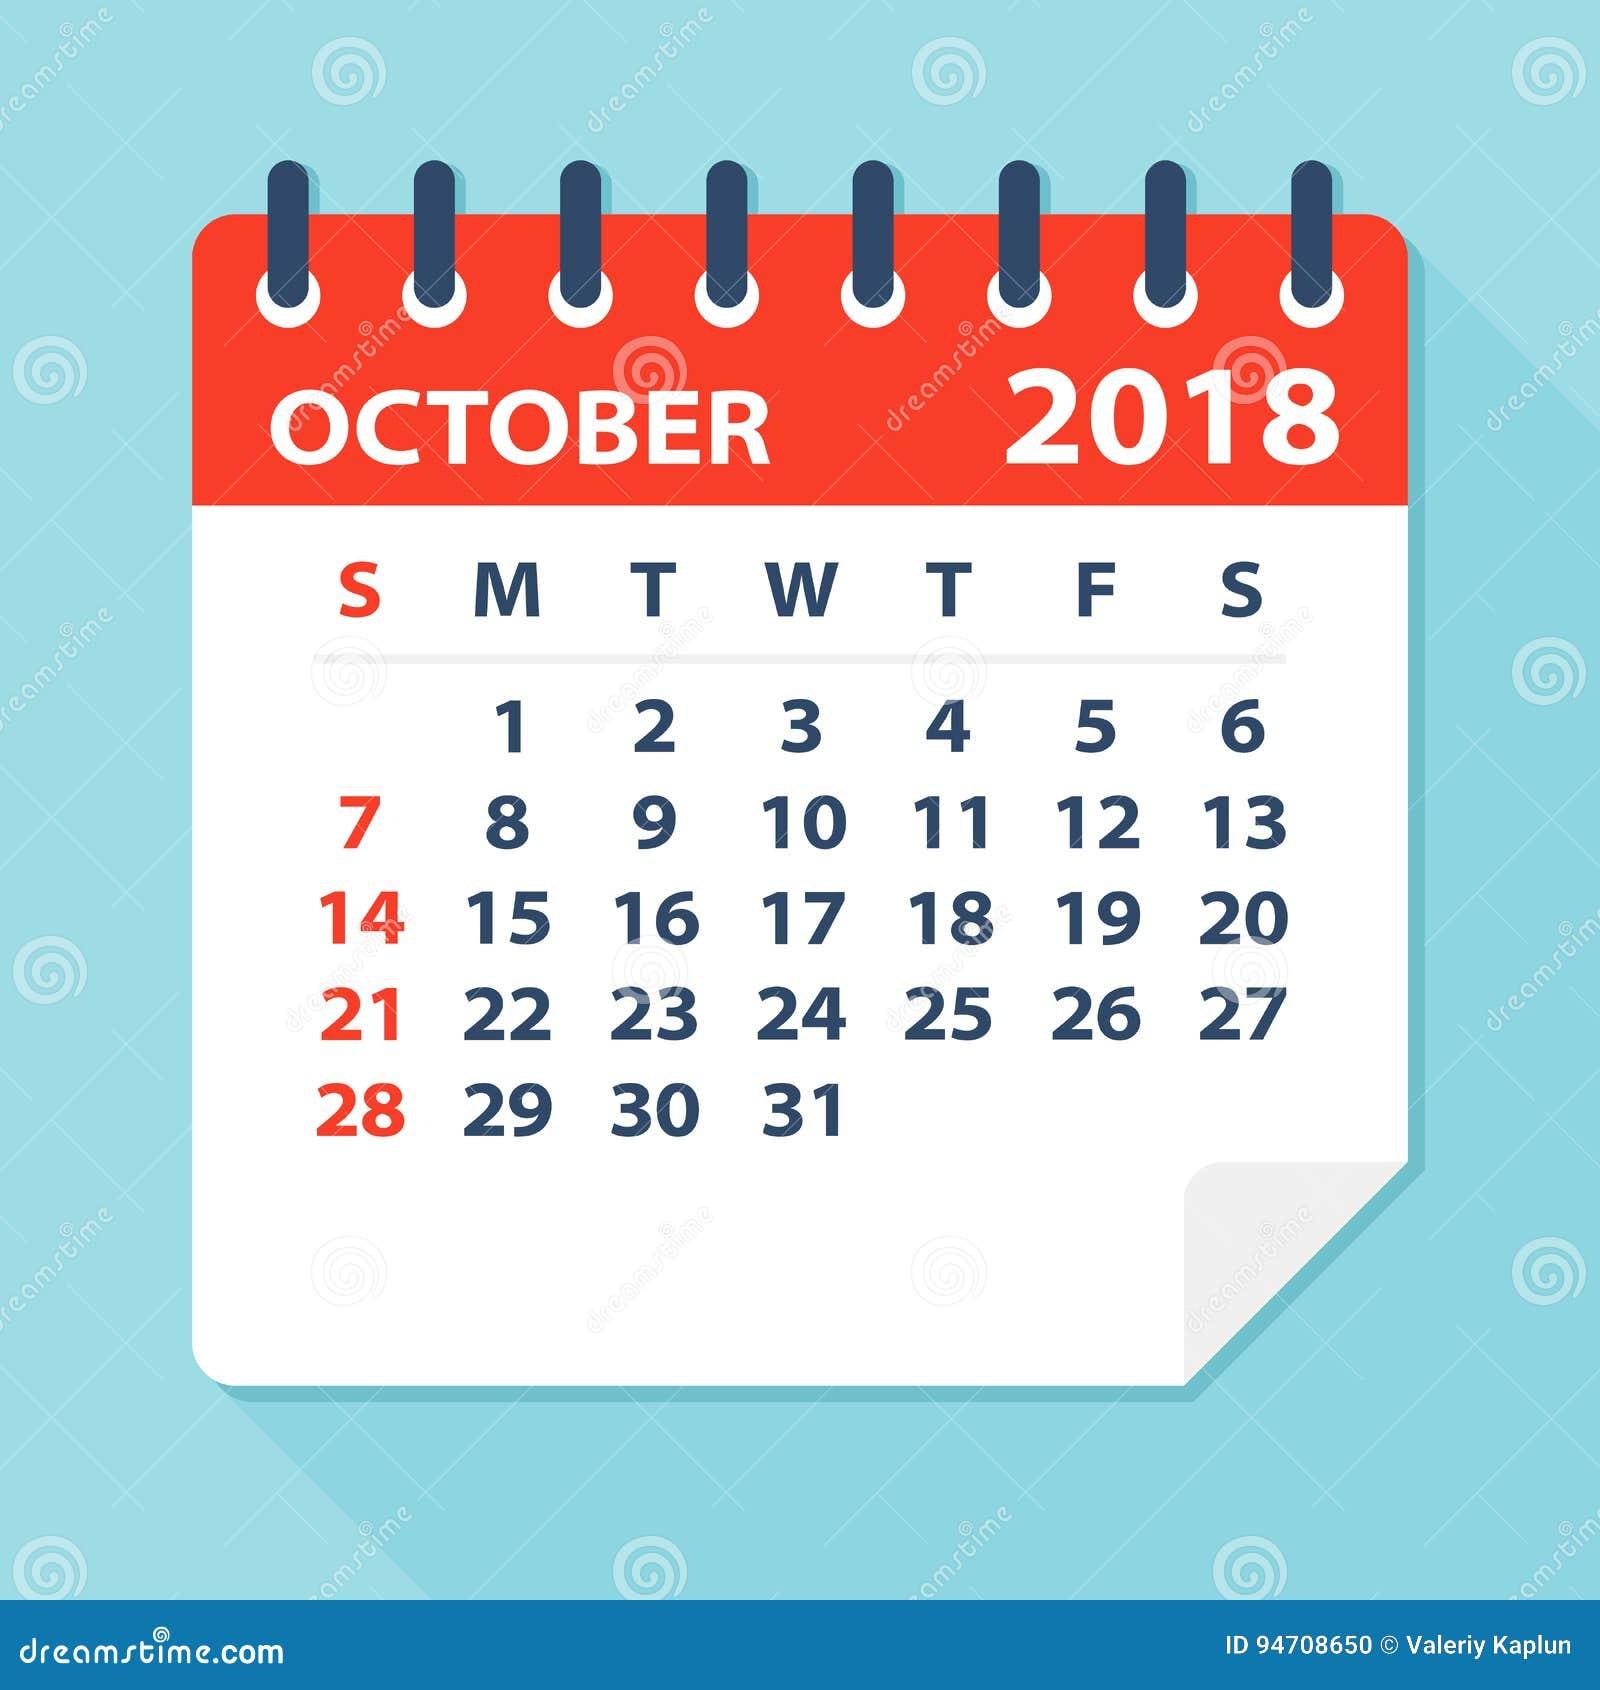 october 2018 calendar leaf illustration